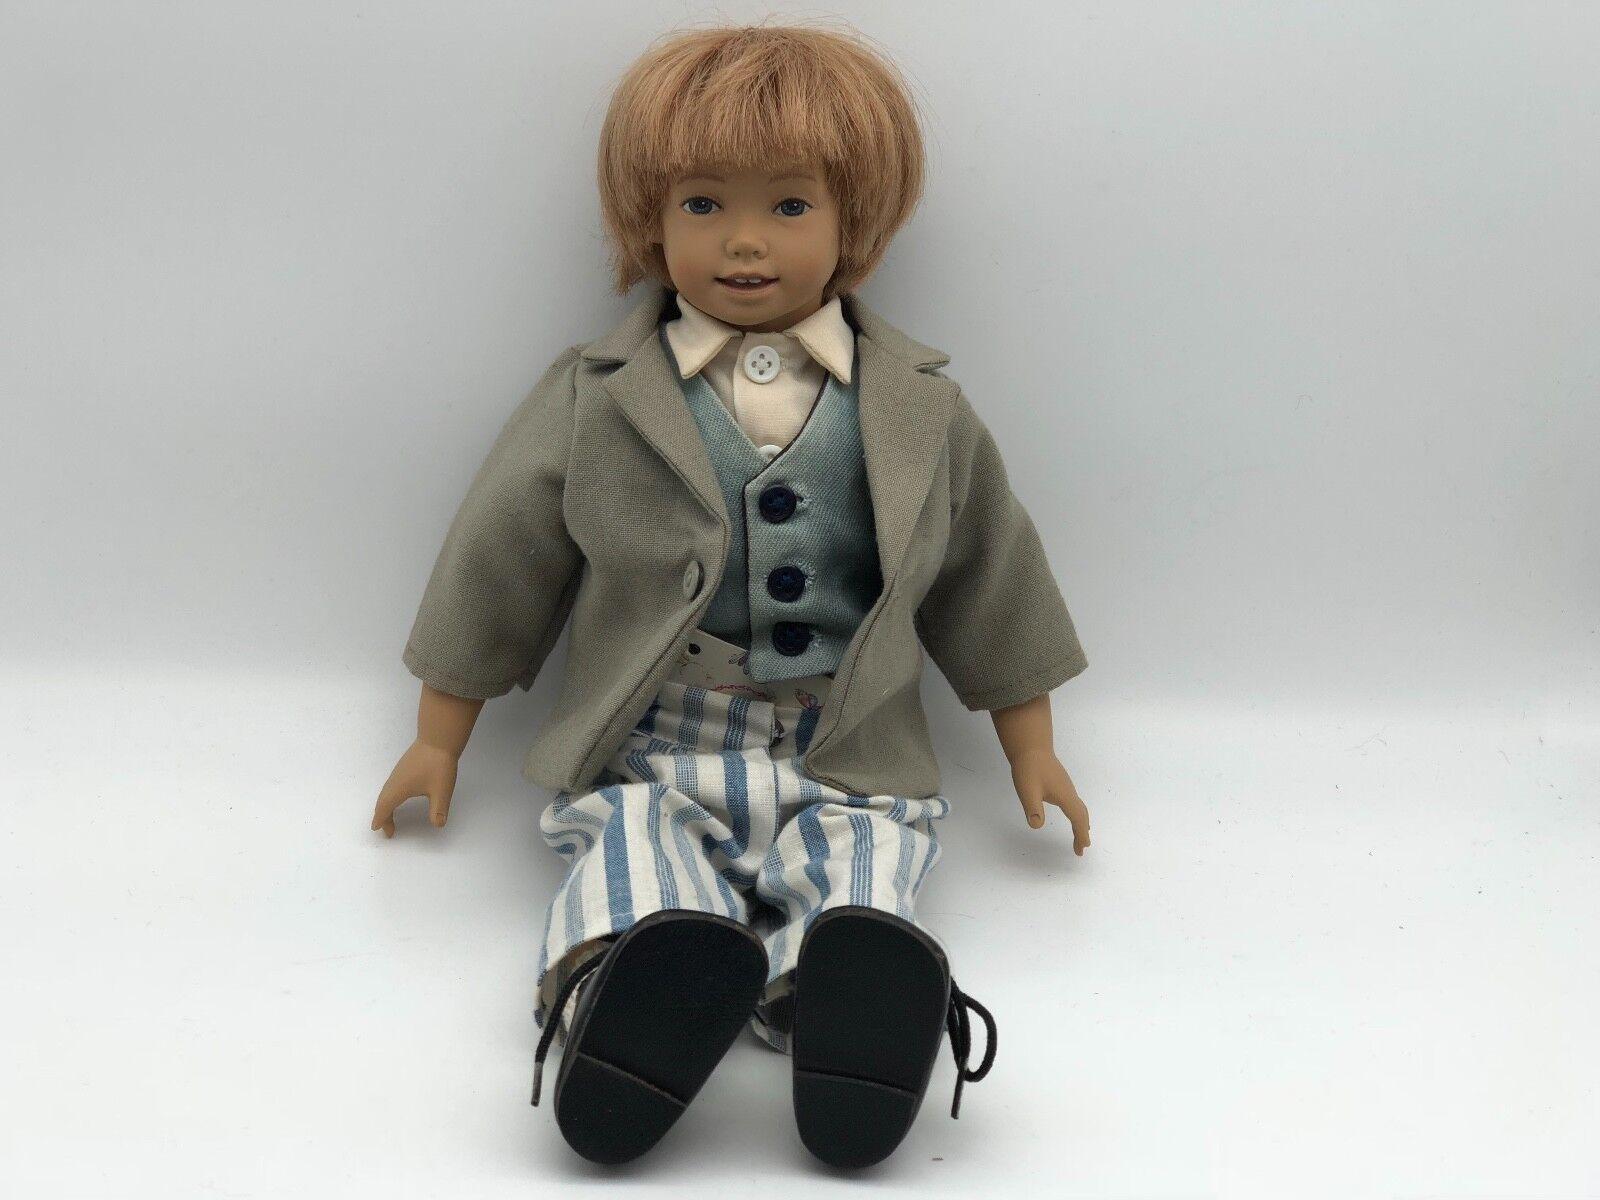 Heidi Ott ⭐️⭐️ Vinyl Puppe 32 cm. ⭐️⭐️ Top Zustand    Neue Sorten werden eingeführt